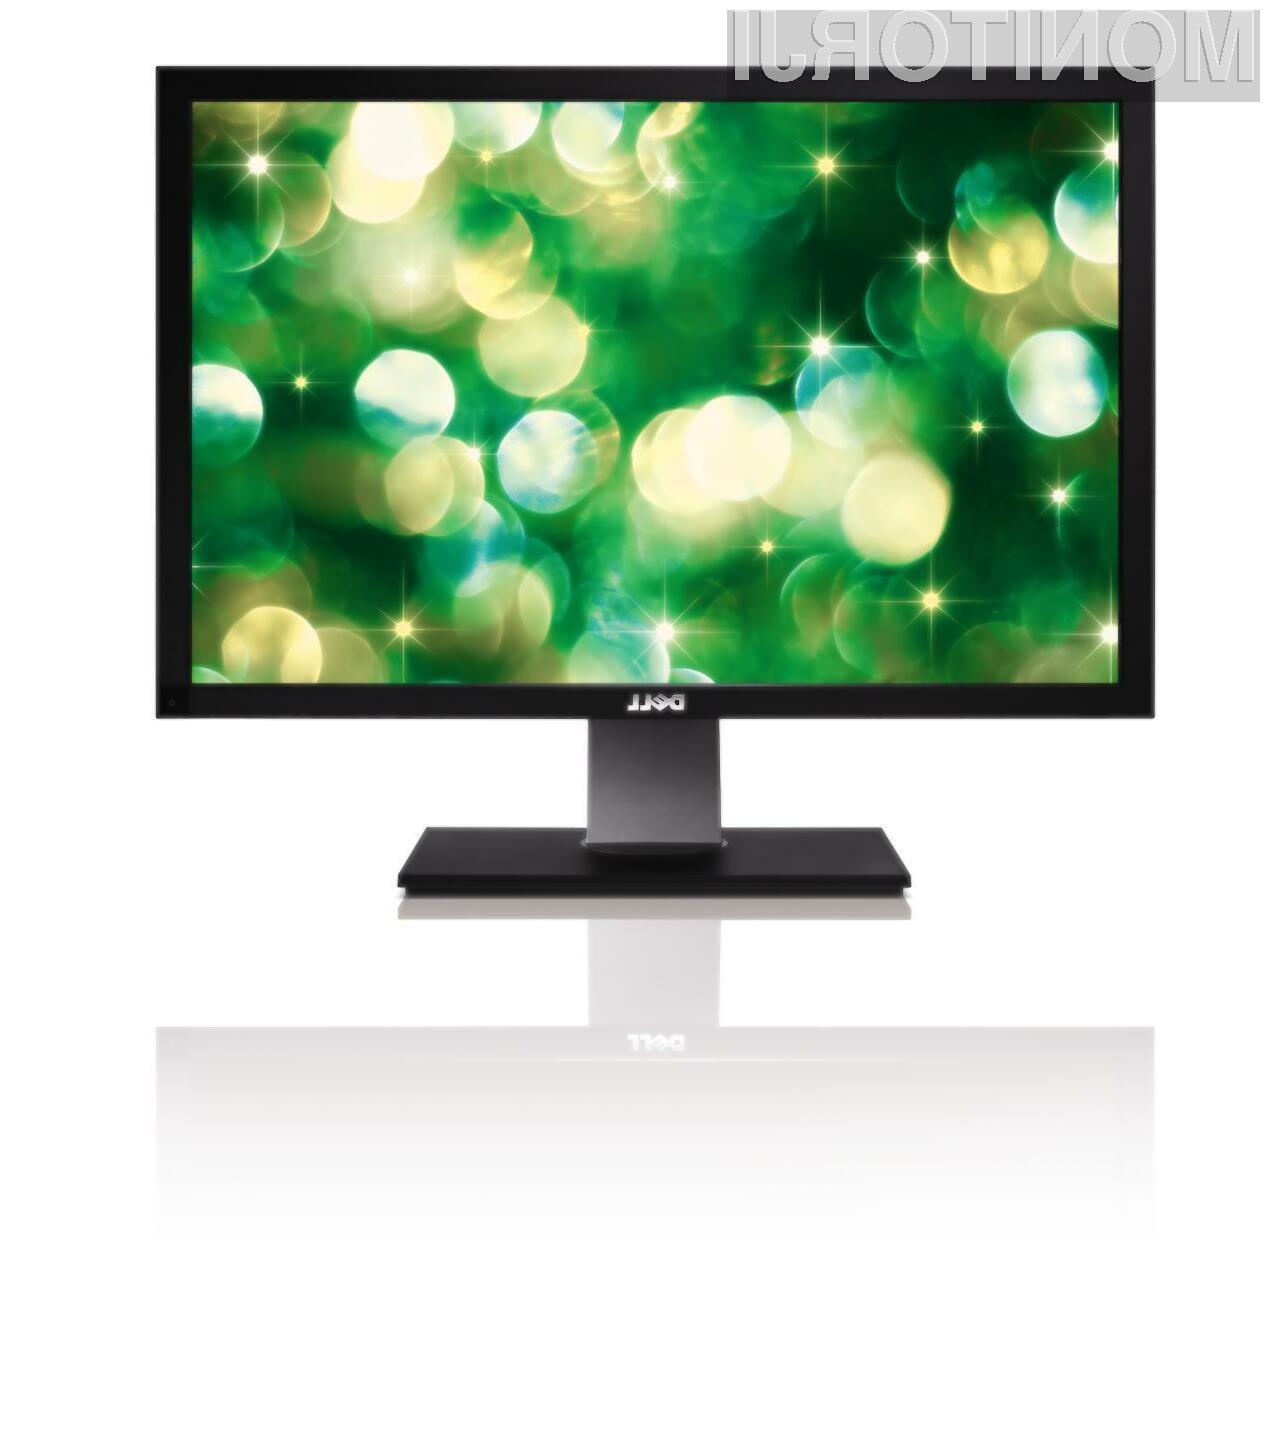 V Dell-ovi ponudbi lahko  med drugim najdemo tudi ogromen 30-palčni IPS monitor U3011.